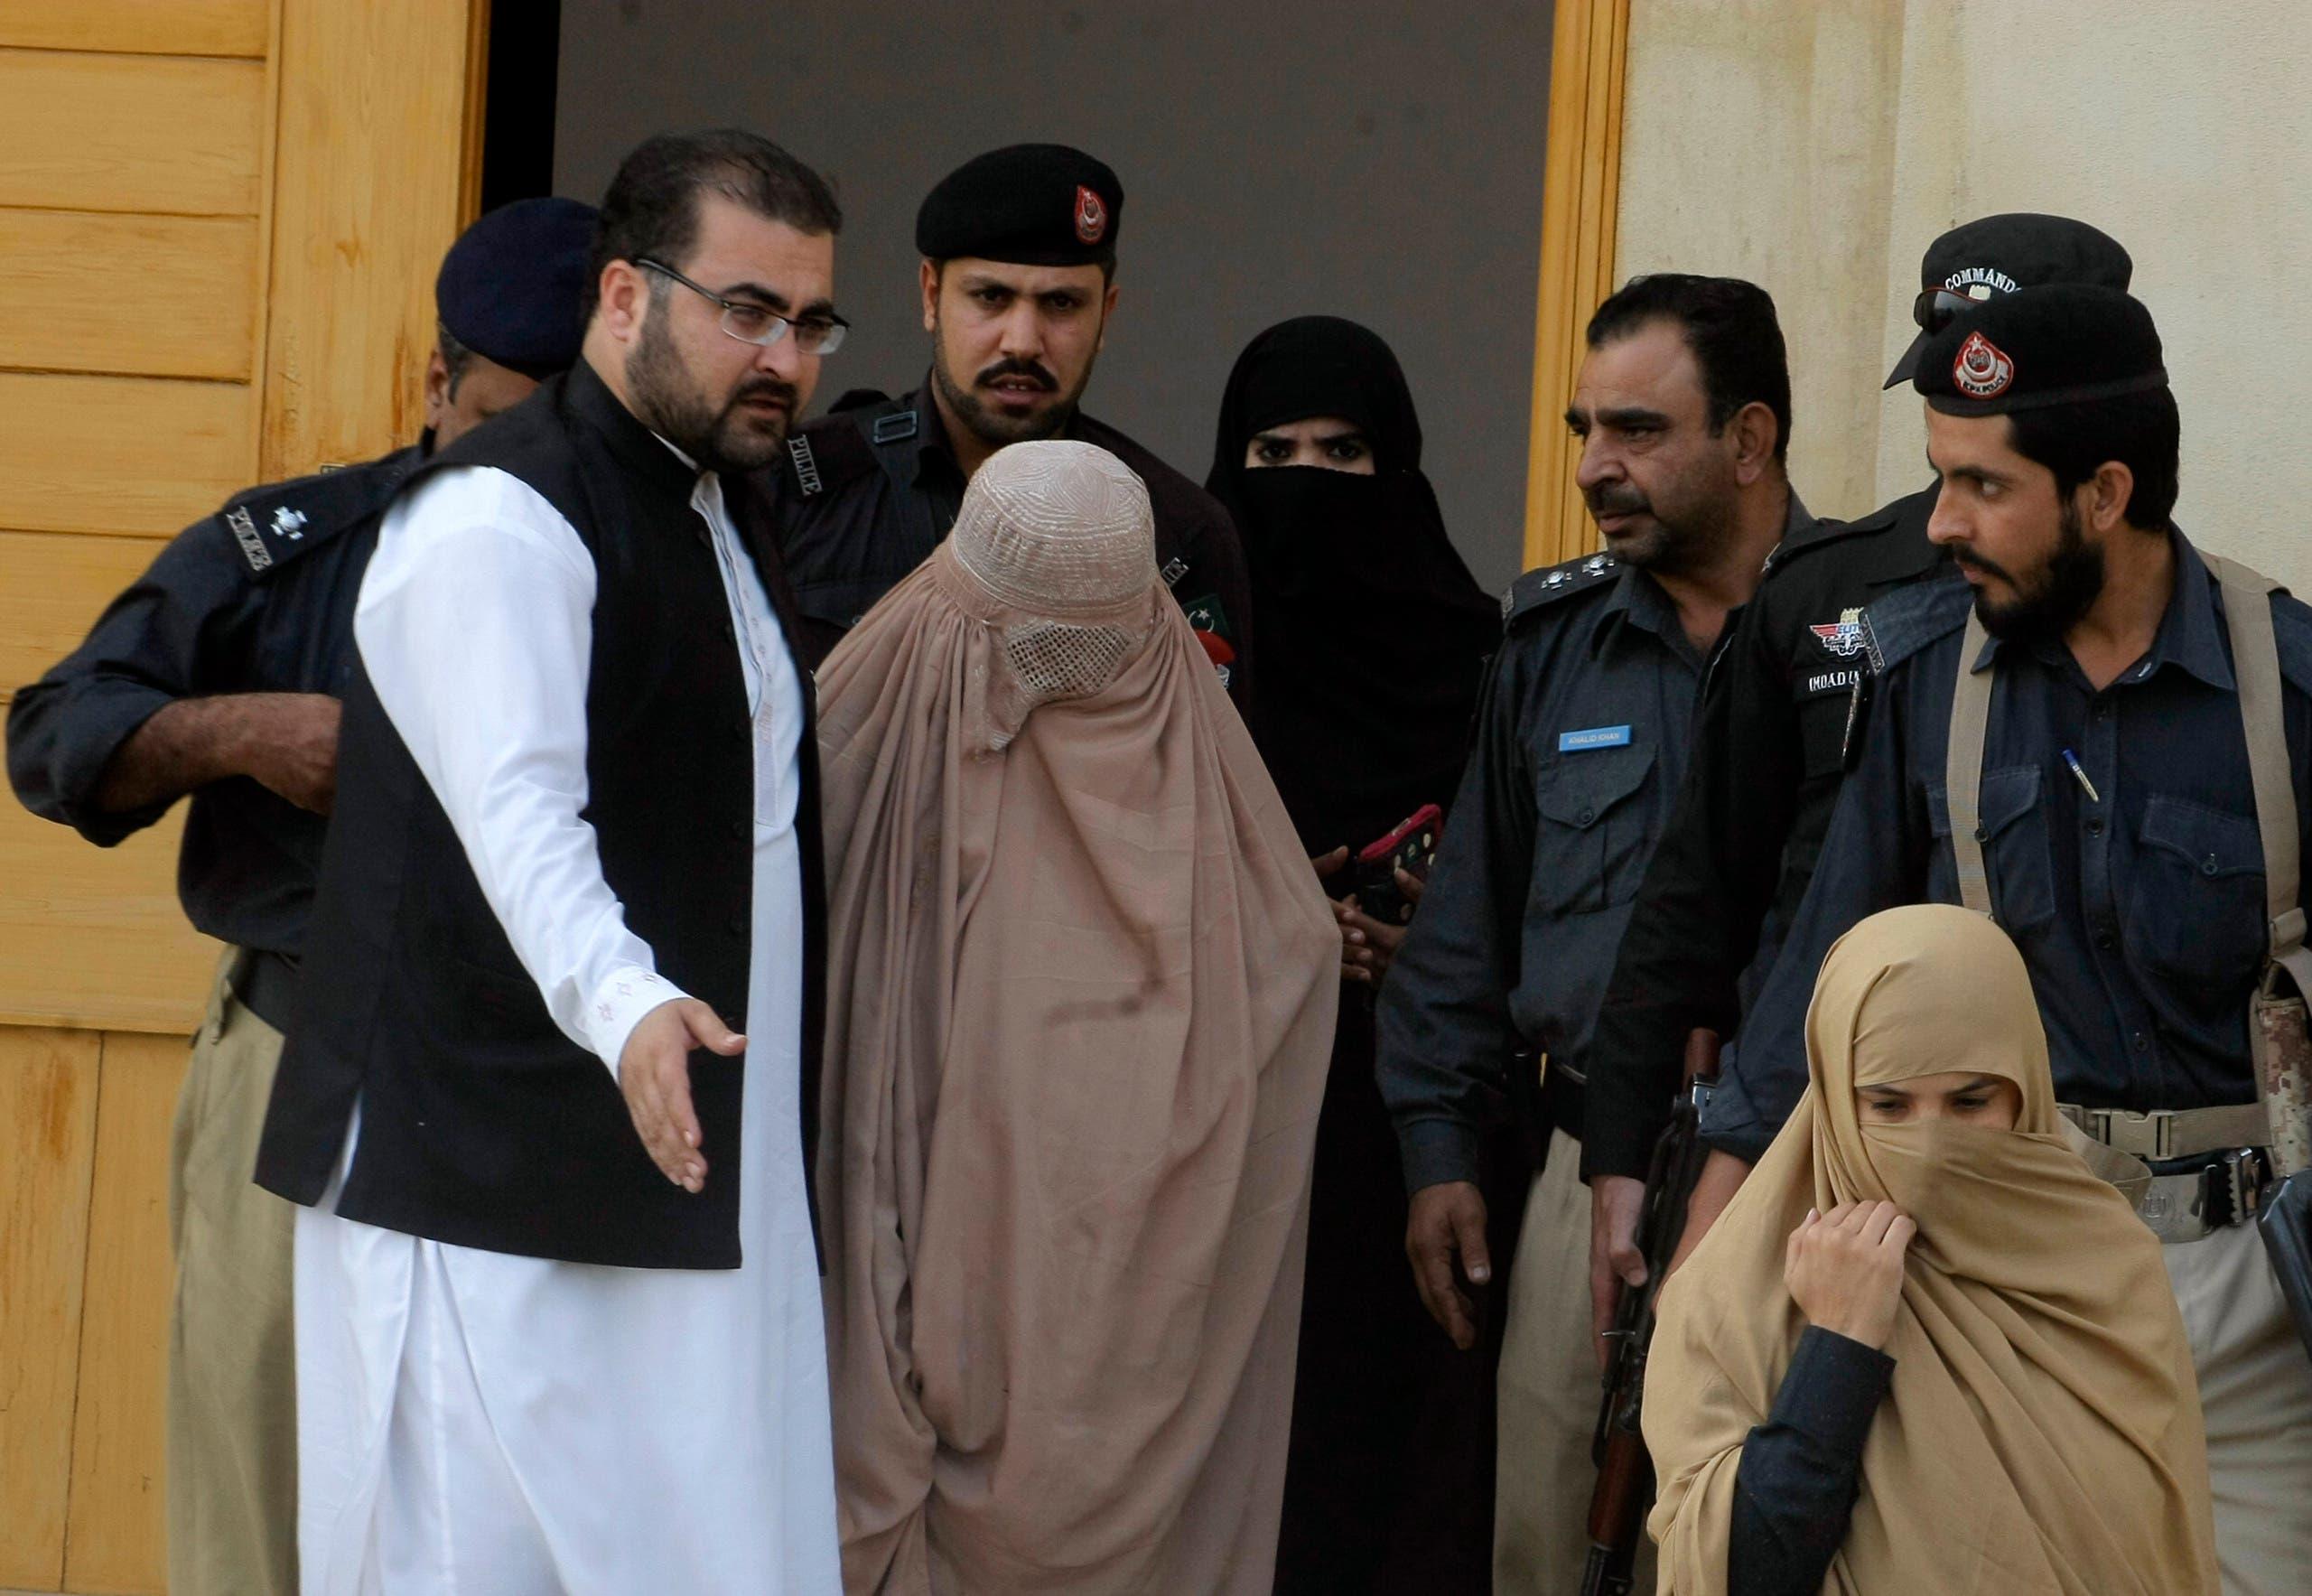 موناليزا الأفغان تغادر المحكمة في بيشاور - فرانس برس